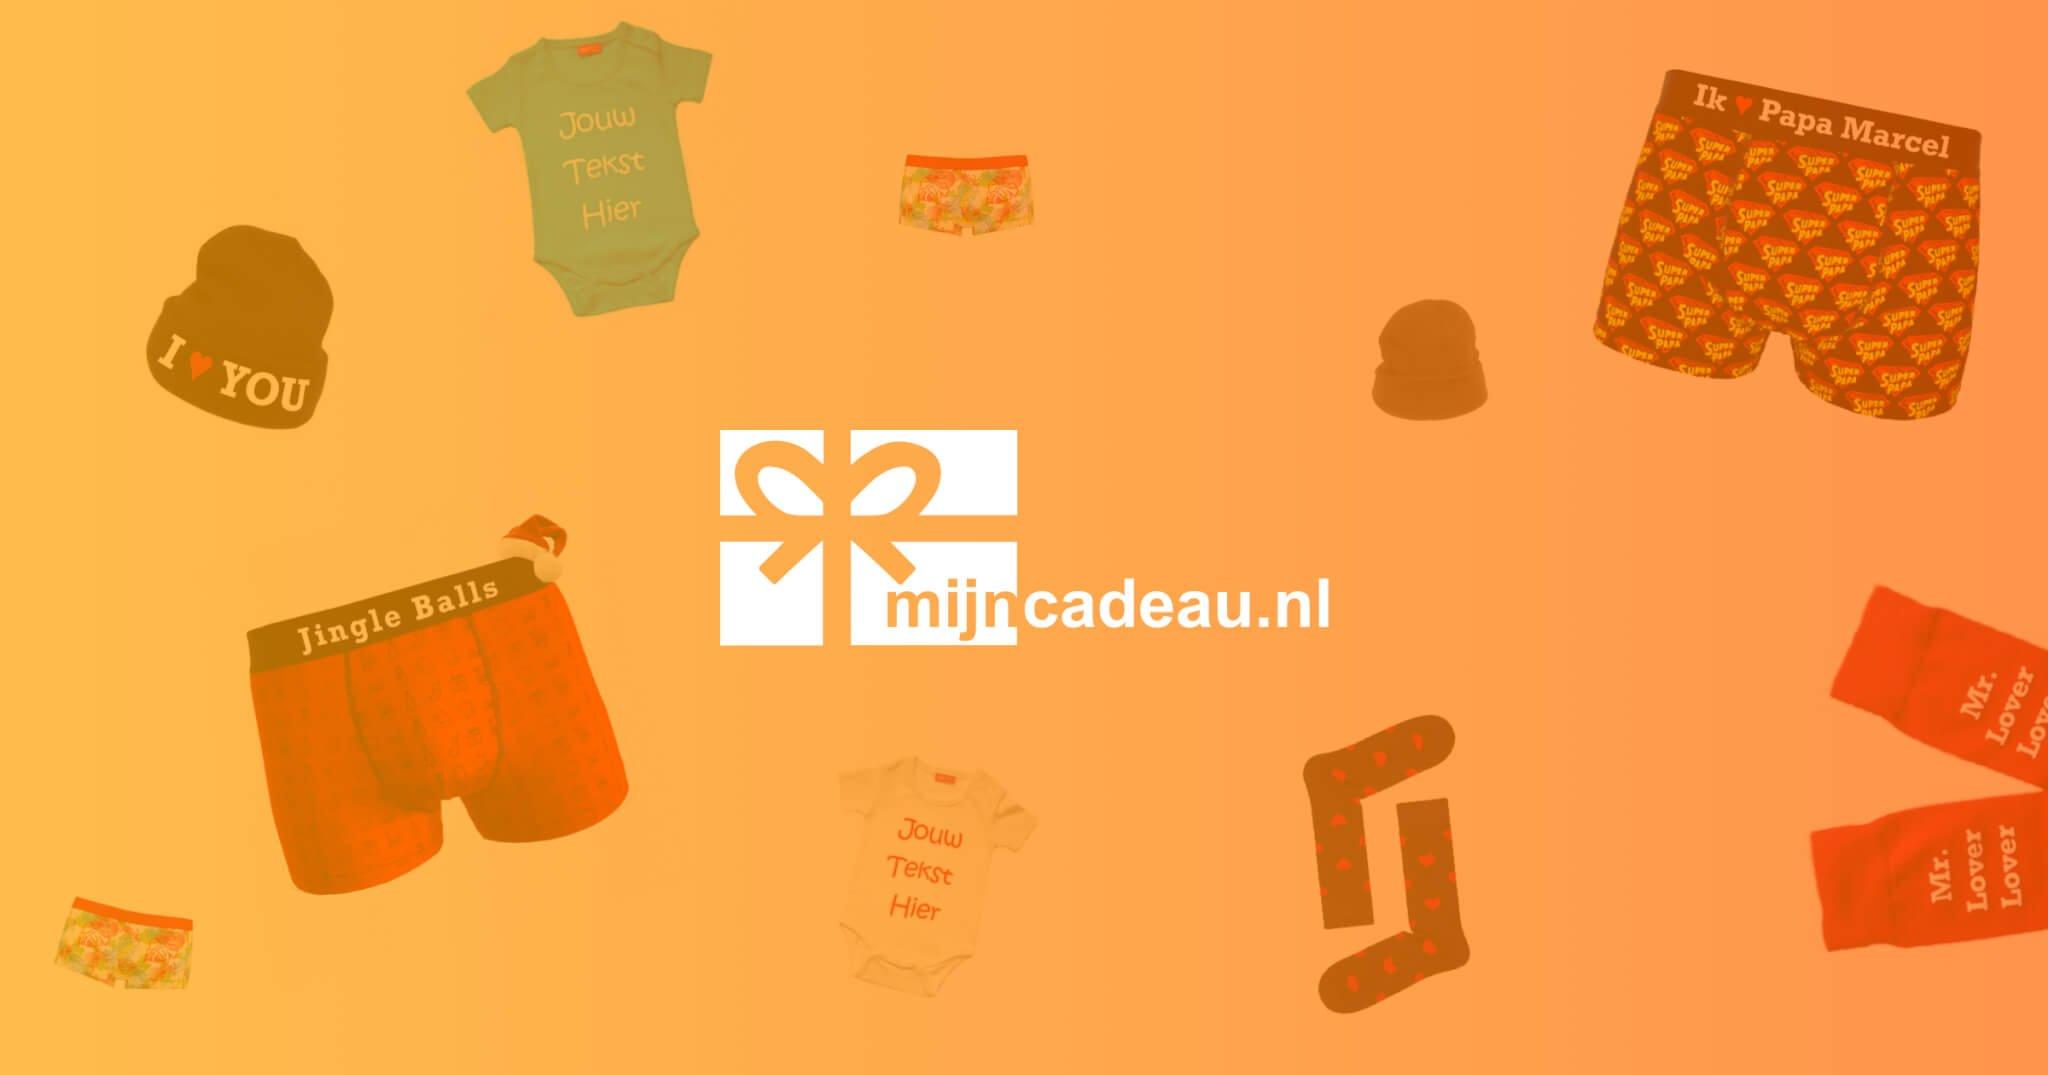 acbc2cd453b Bedrukte cadeaus van MijnCadeau.nl - Persoonlijk en leuk!